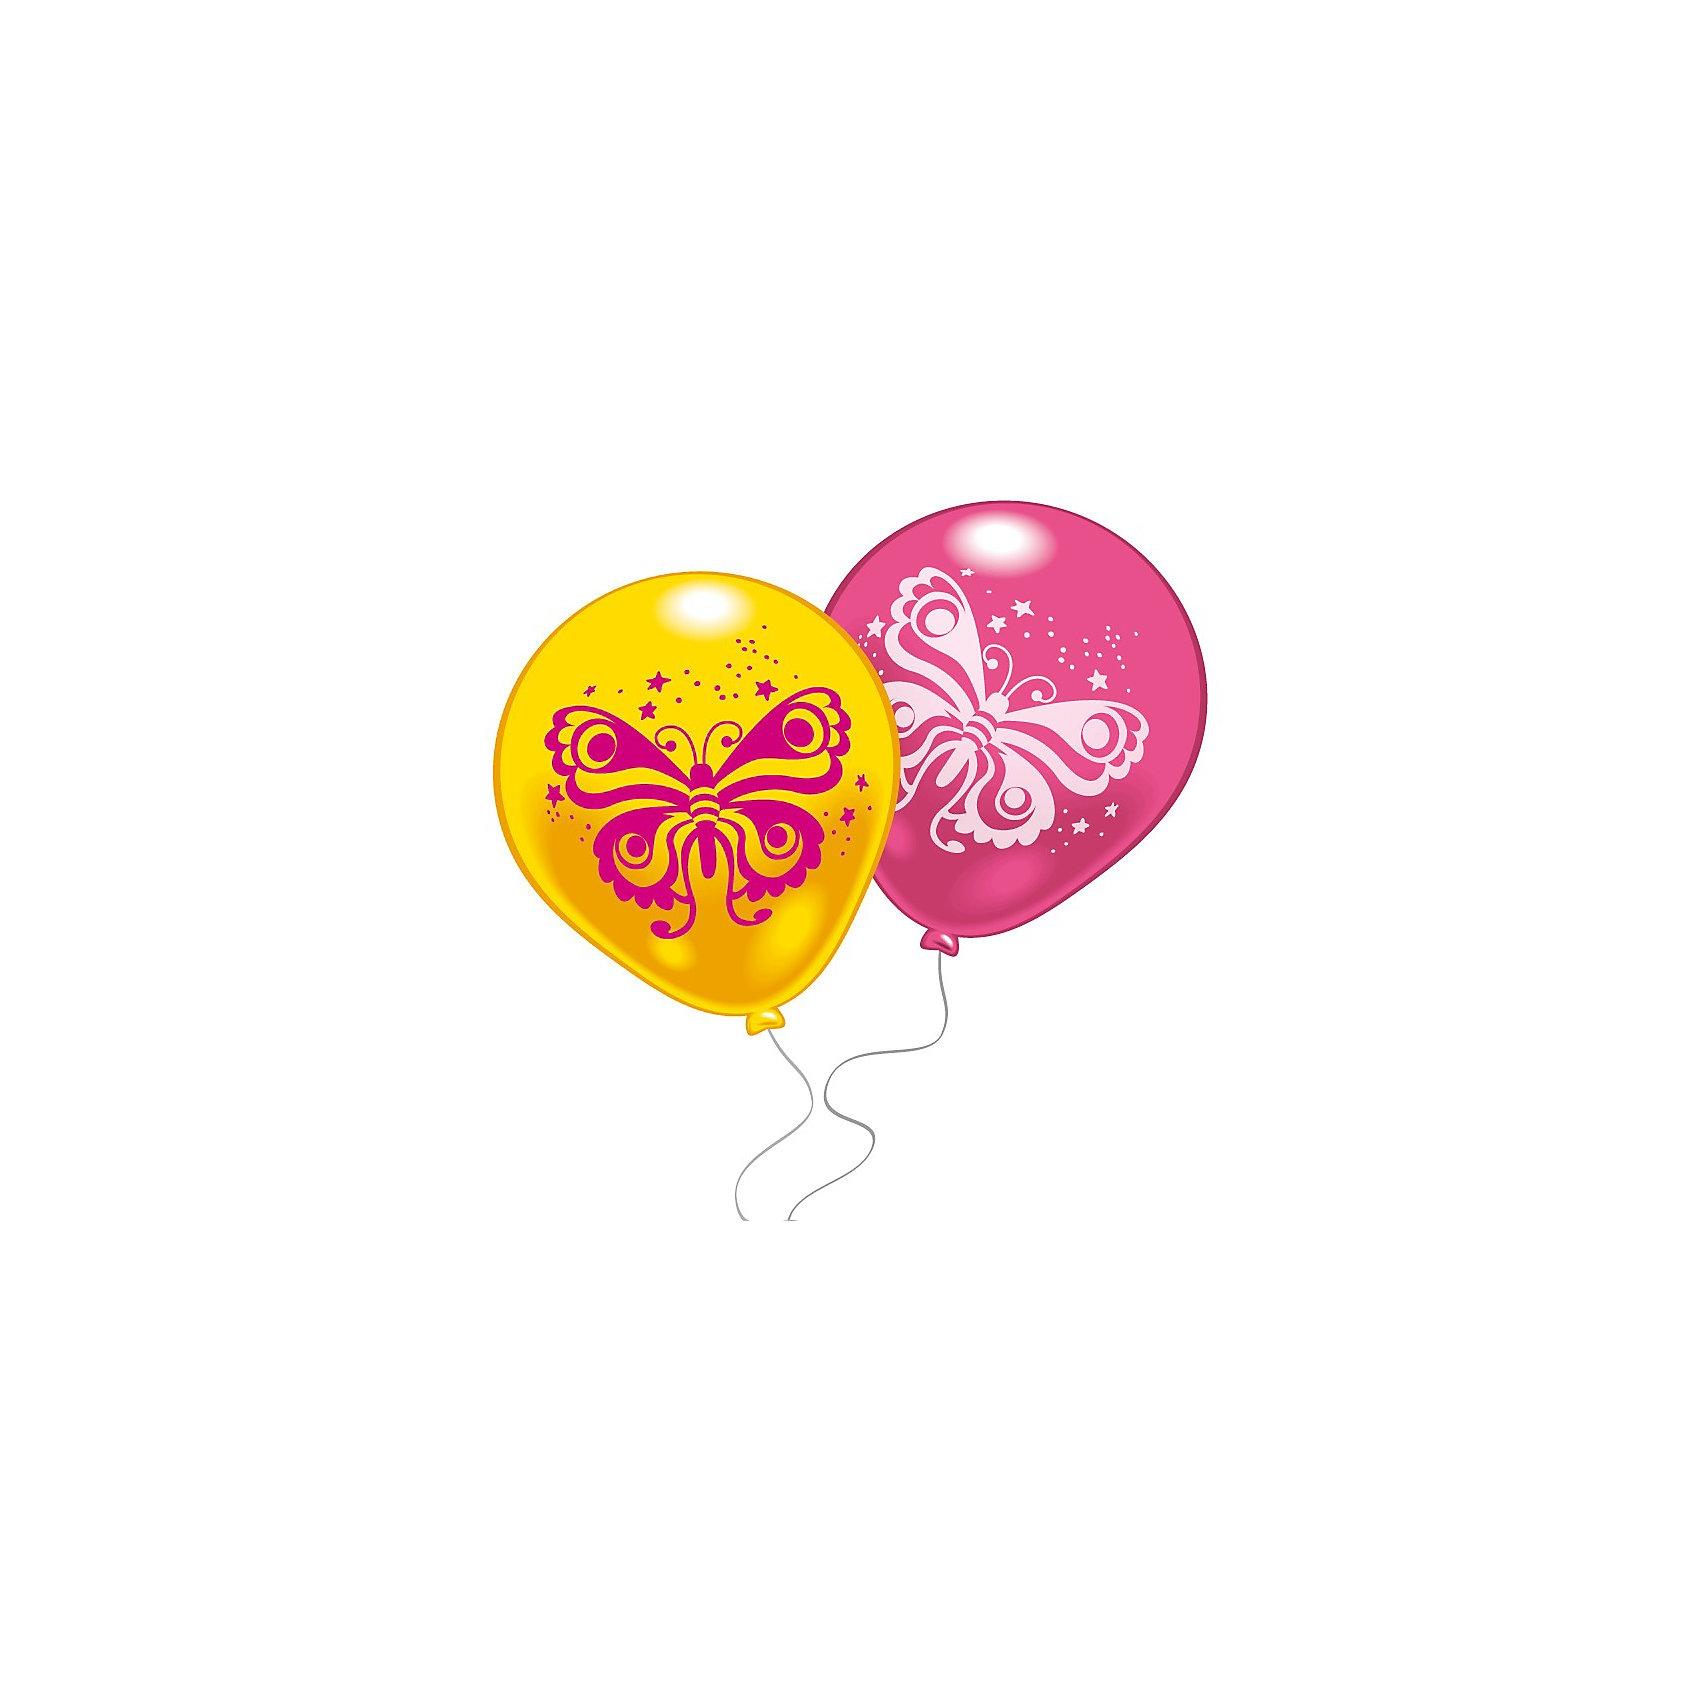 10 шариков с рисунком БабочкаВоздушные шары<br>Воздушные шарики – это не только отличное украшение для различных праздничных событий, но и просто отличный способ вызвать улыбку у детей и взрослых. У человека с воздушным шариком не может быть плохого настроения! <br>Набор из 10 шариков с рисунками бабочек от Everts подойдут для любого случая и торжества.  <br>Воздушные шарики подойдут для детей от 1 года. Разные яркие цвета привлекут внимание малышей. Игра с шариками поможет развить логику, координацию, опорно-двигательный аппарат. <br>Звонкий смех и хорошее настроение обеспечено с шариками от Everts.<br><br>Ширина мм: 150<br>Глубина мм: 230<br>Высота мм: 10<br>Вес г: 65<br>Возраст от месяцев: 36<br>Возраст до месяцев: 1188<br>Пол: Женский<br>Возраст: Детский<br>SKU: 2433012